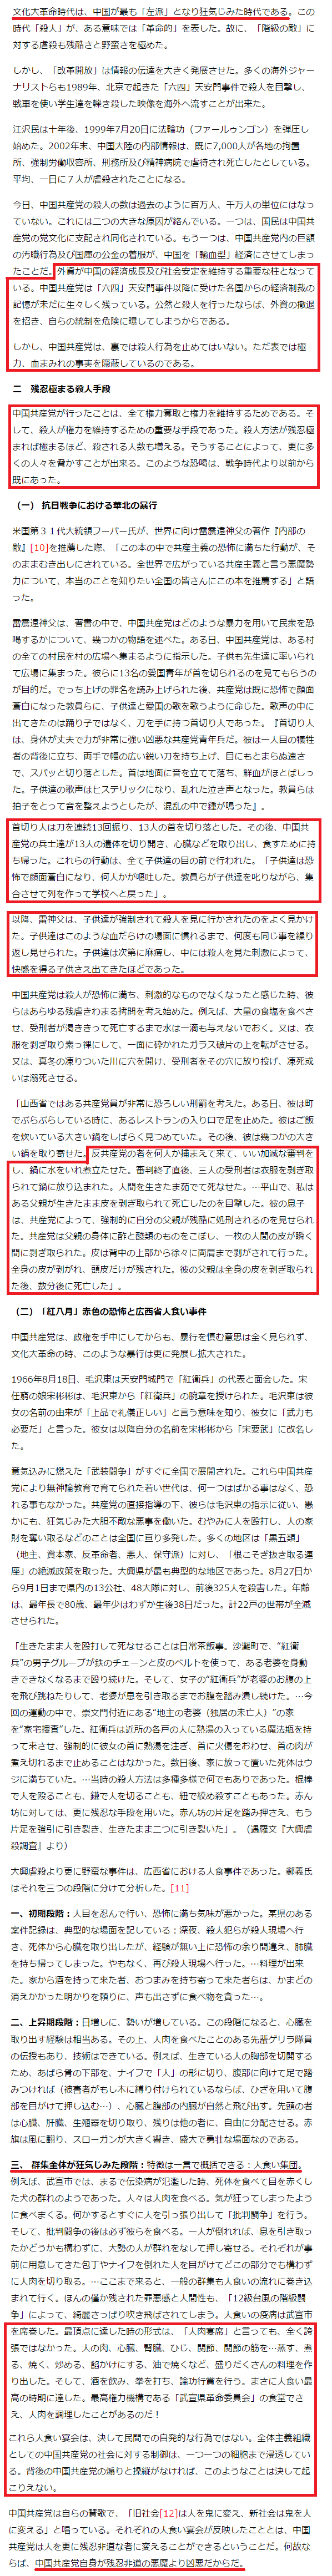 シナ共産党の殺人の歴史3